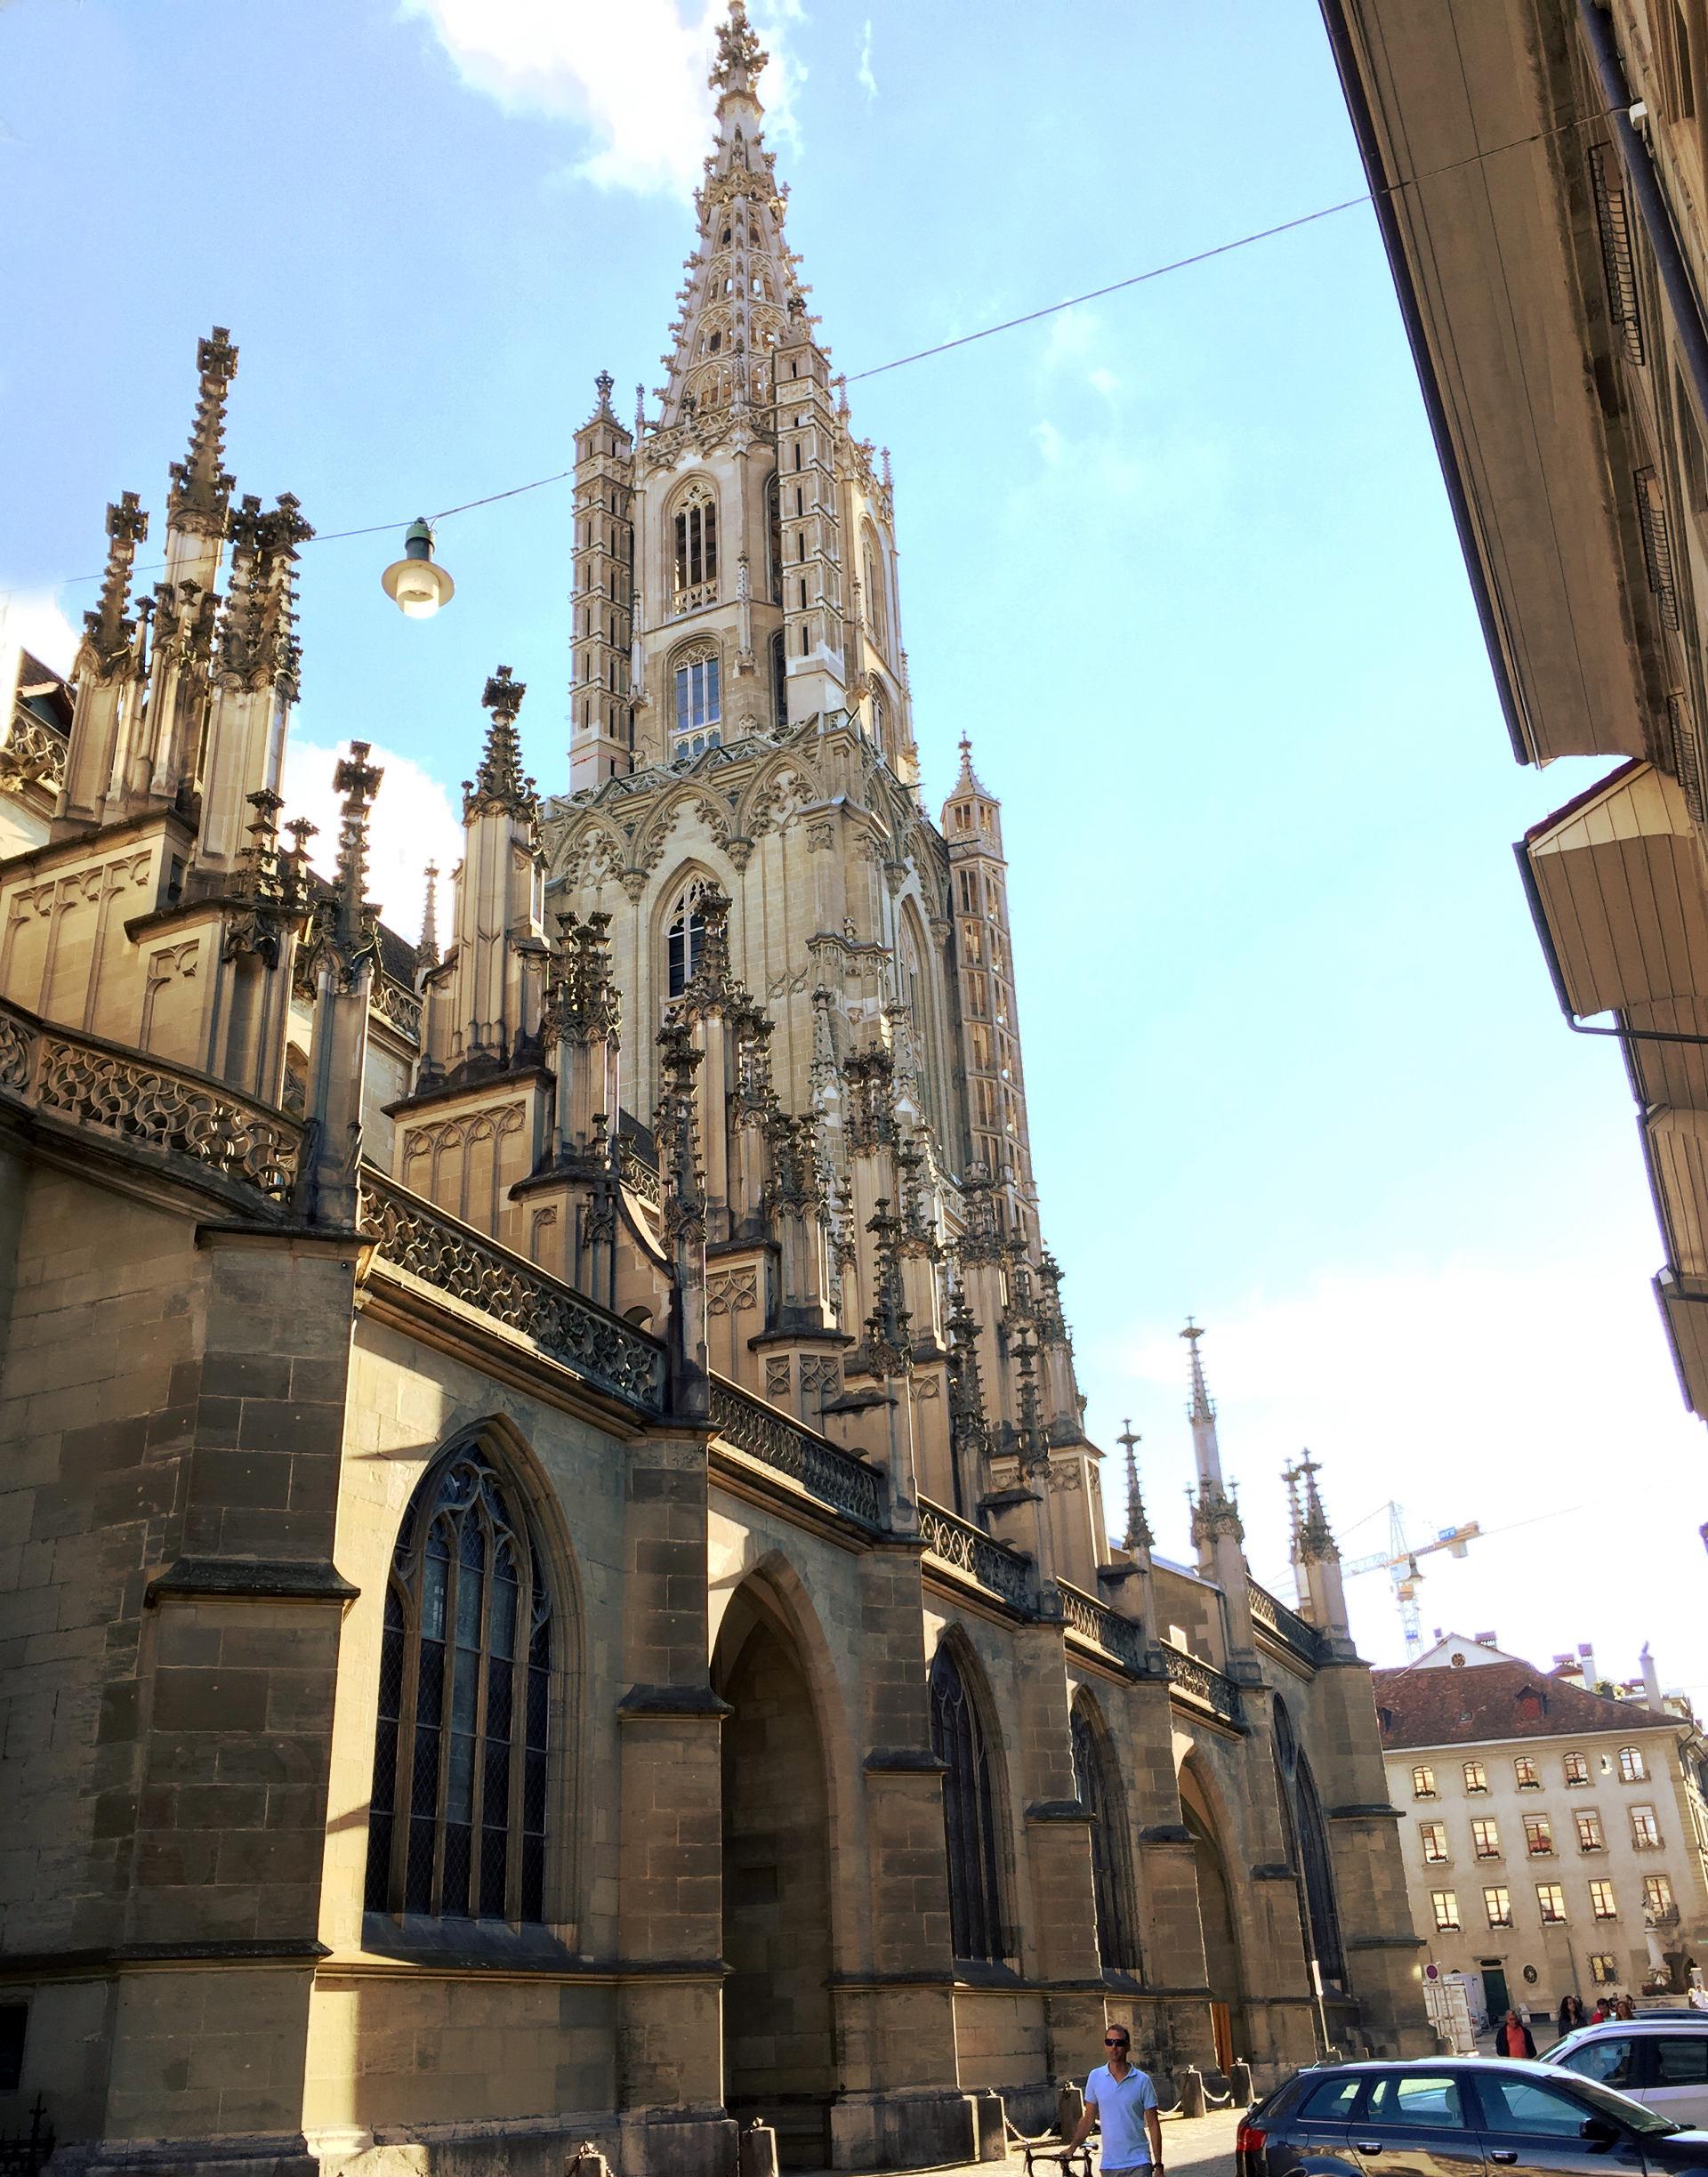 szwajcaria berno bern katedra staremiasto stolica iglawpodrozy